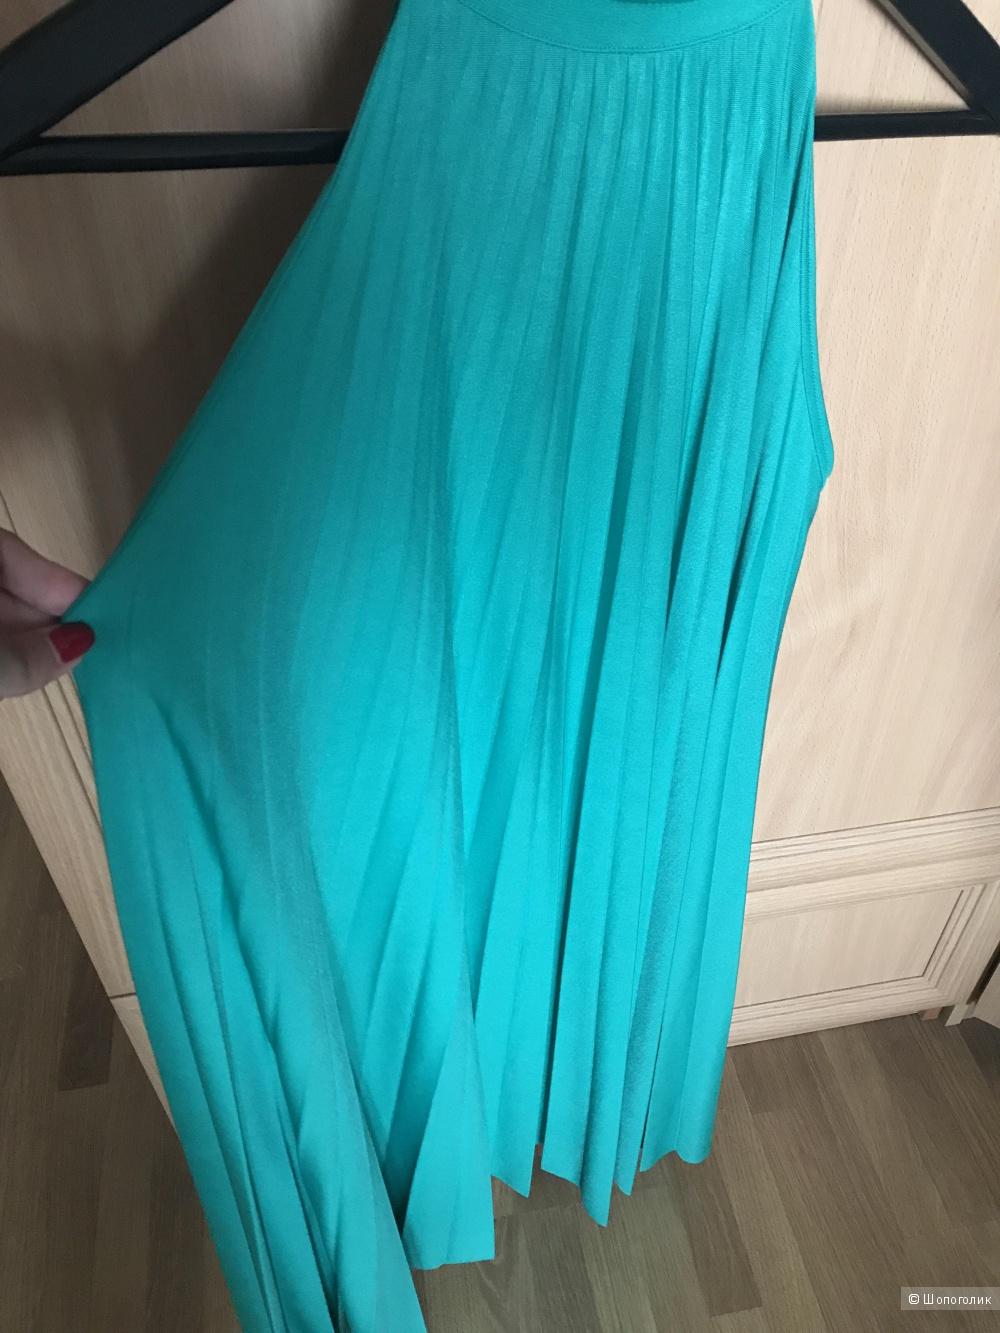 Зеленое плиссированное платье в размере S, Uterque